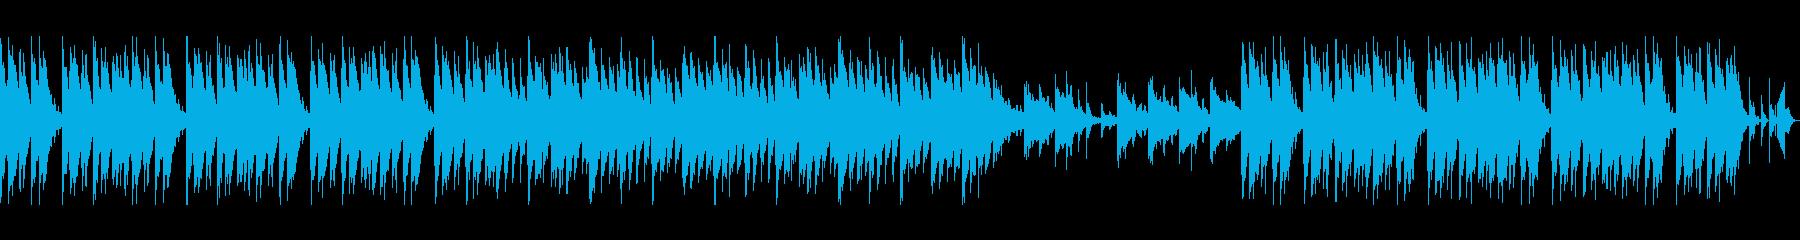 【ループ可】アングラHIPHOP系BGMの再生済みの波形